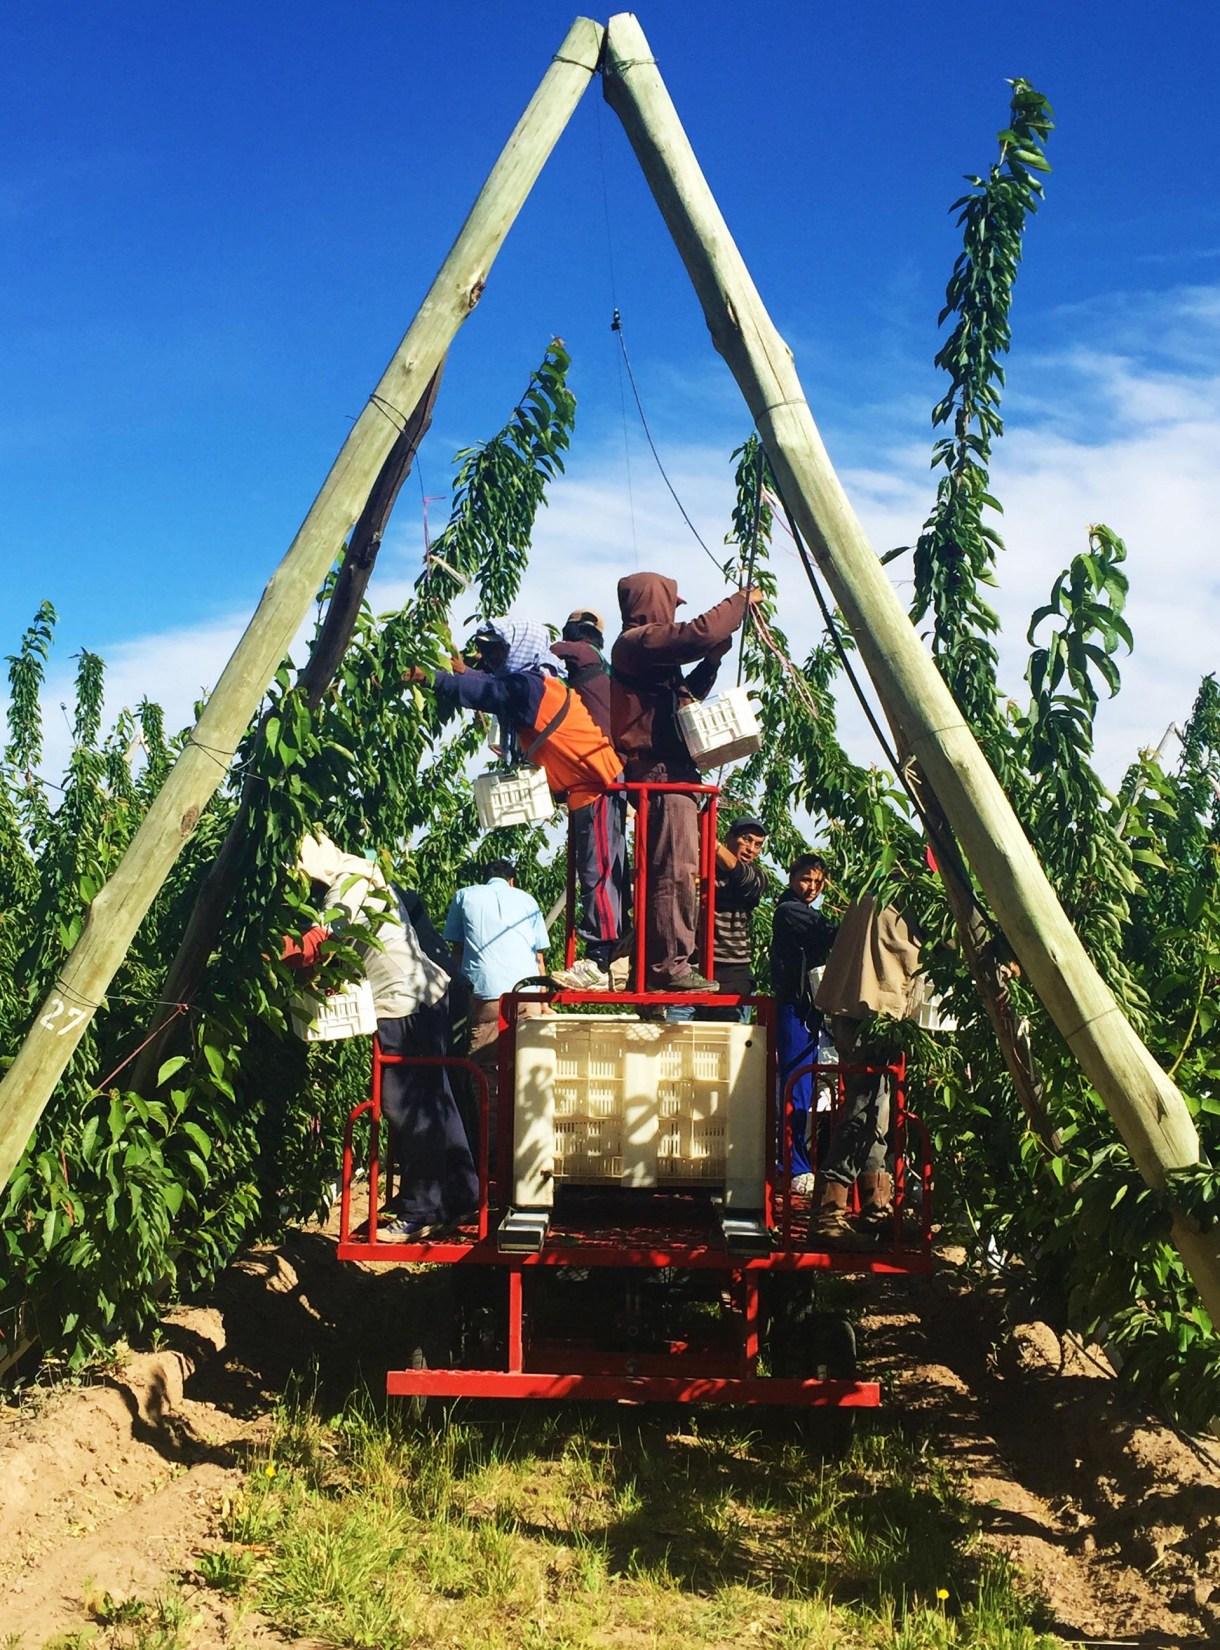 La industria frutihortícola neuquina, en plena expansión